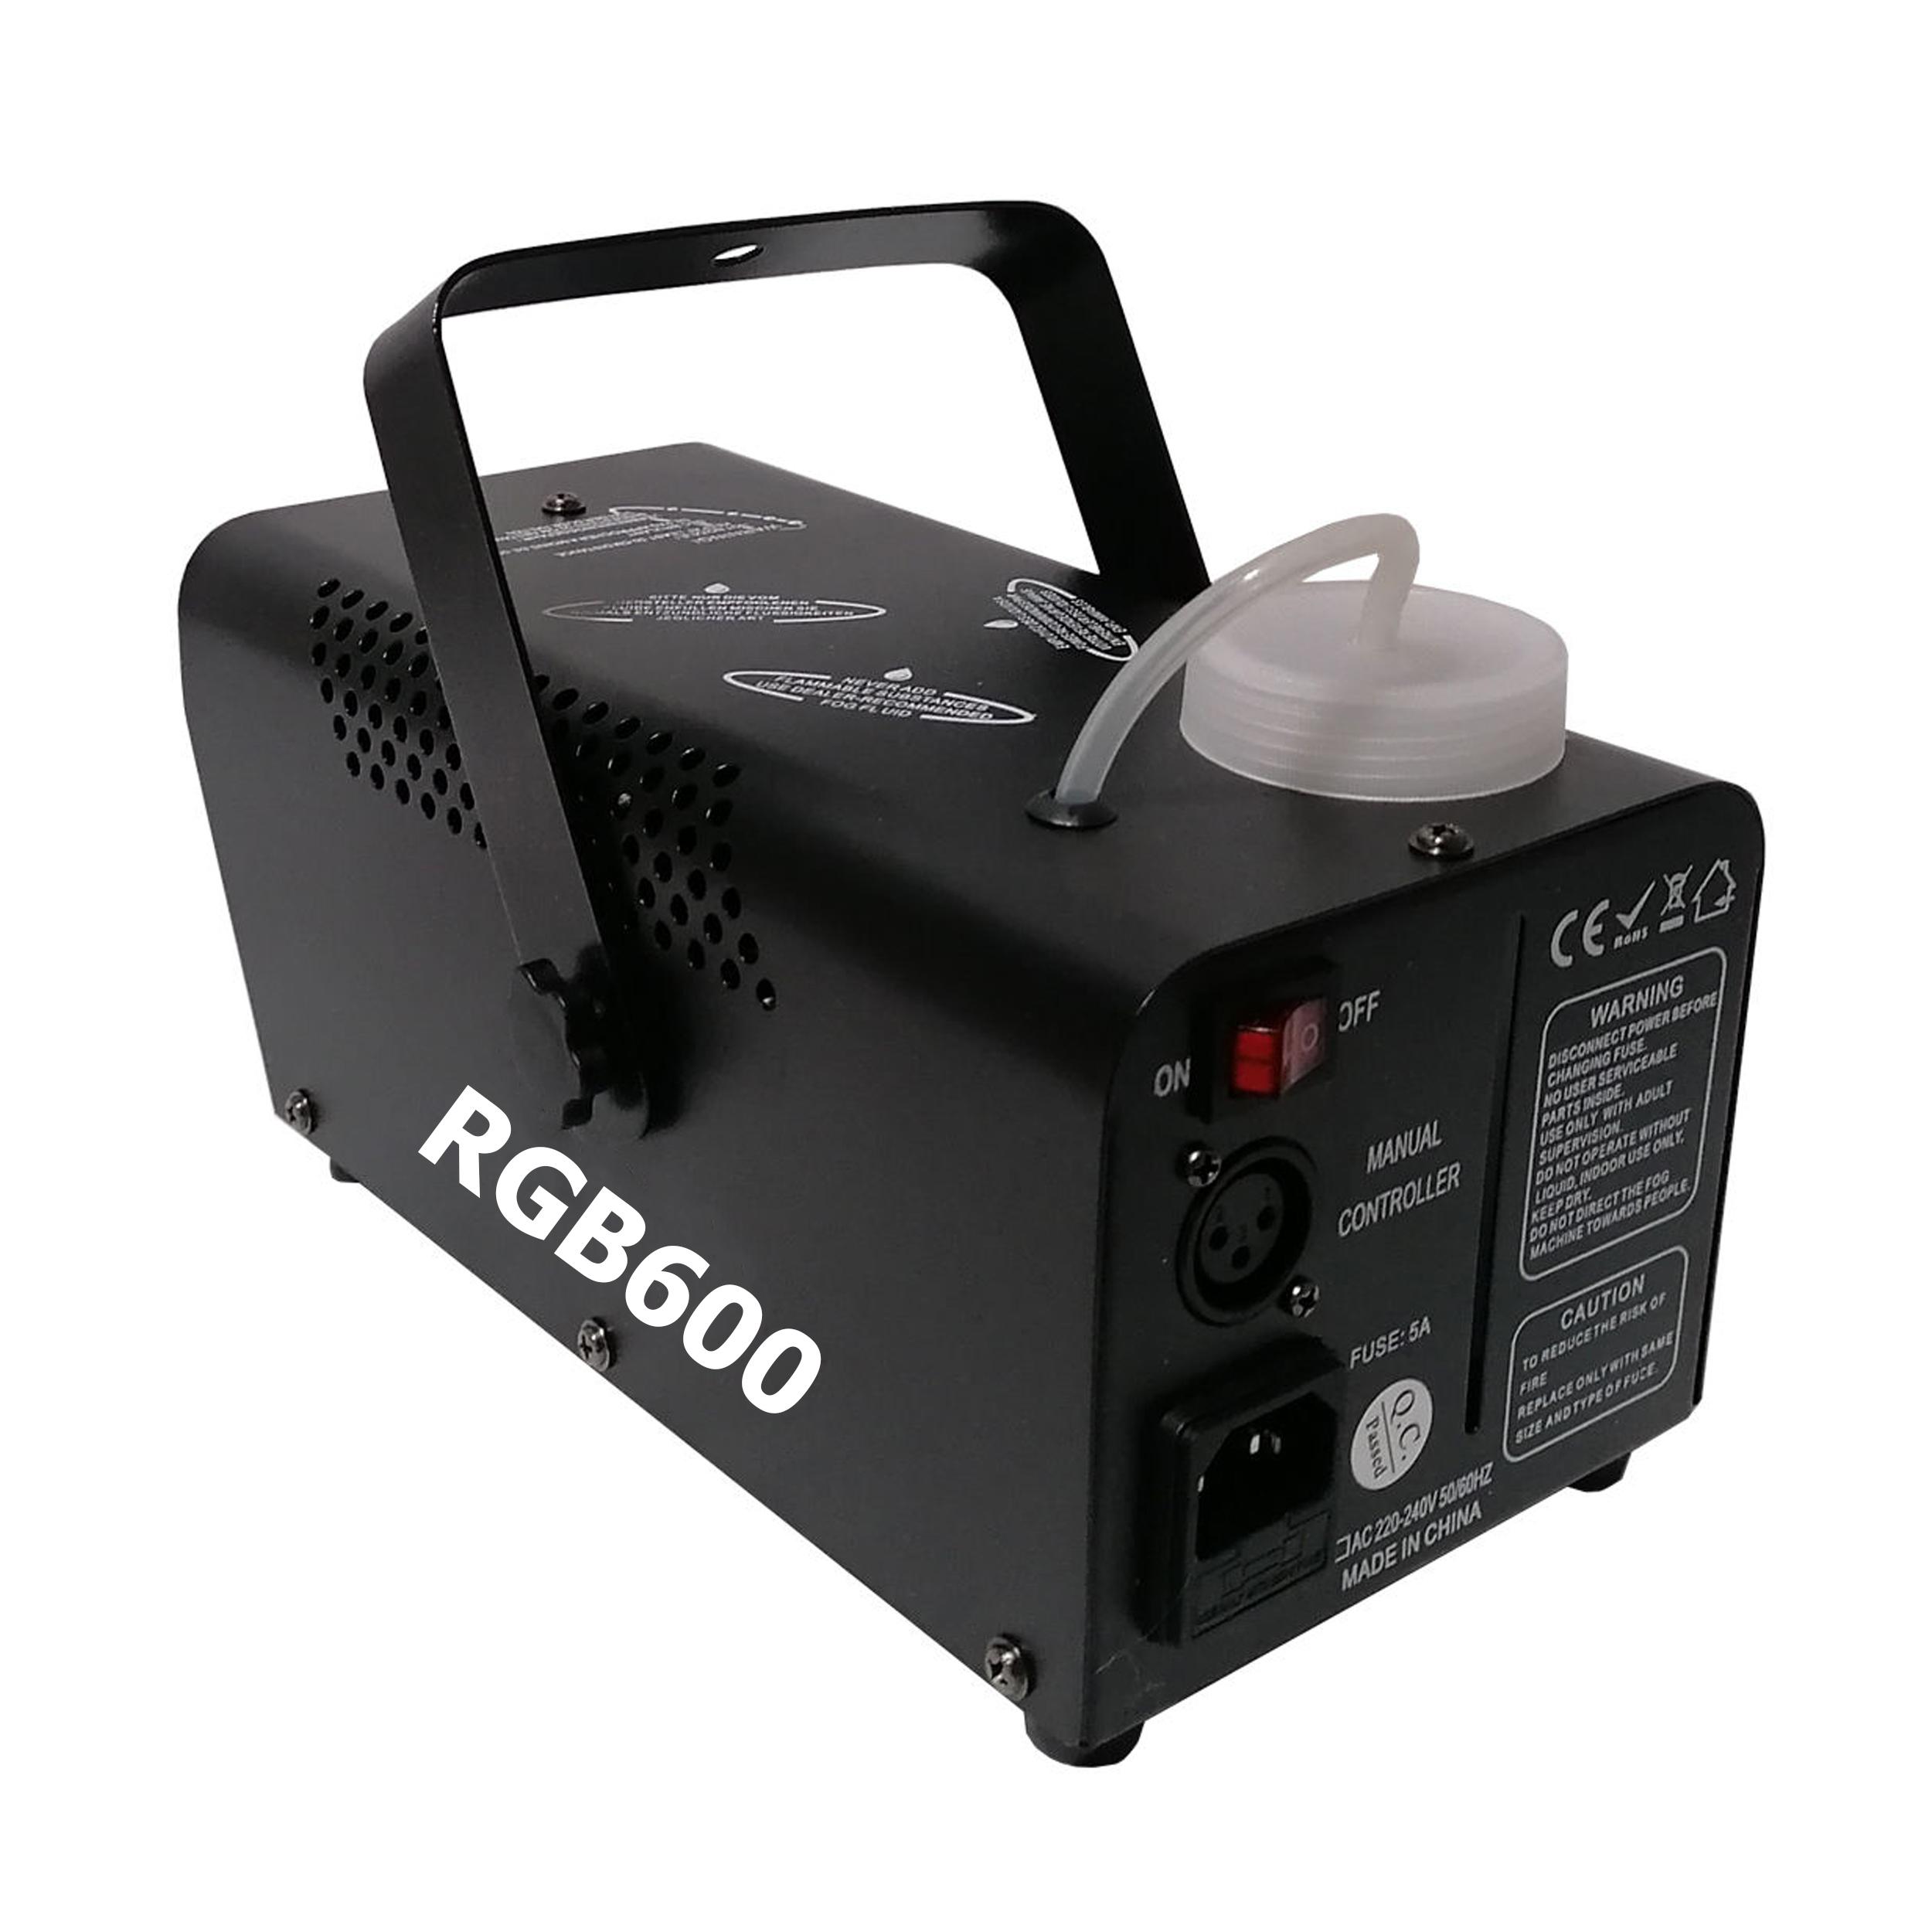 دستگاه مه ساز مدل RGB - 600